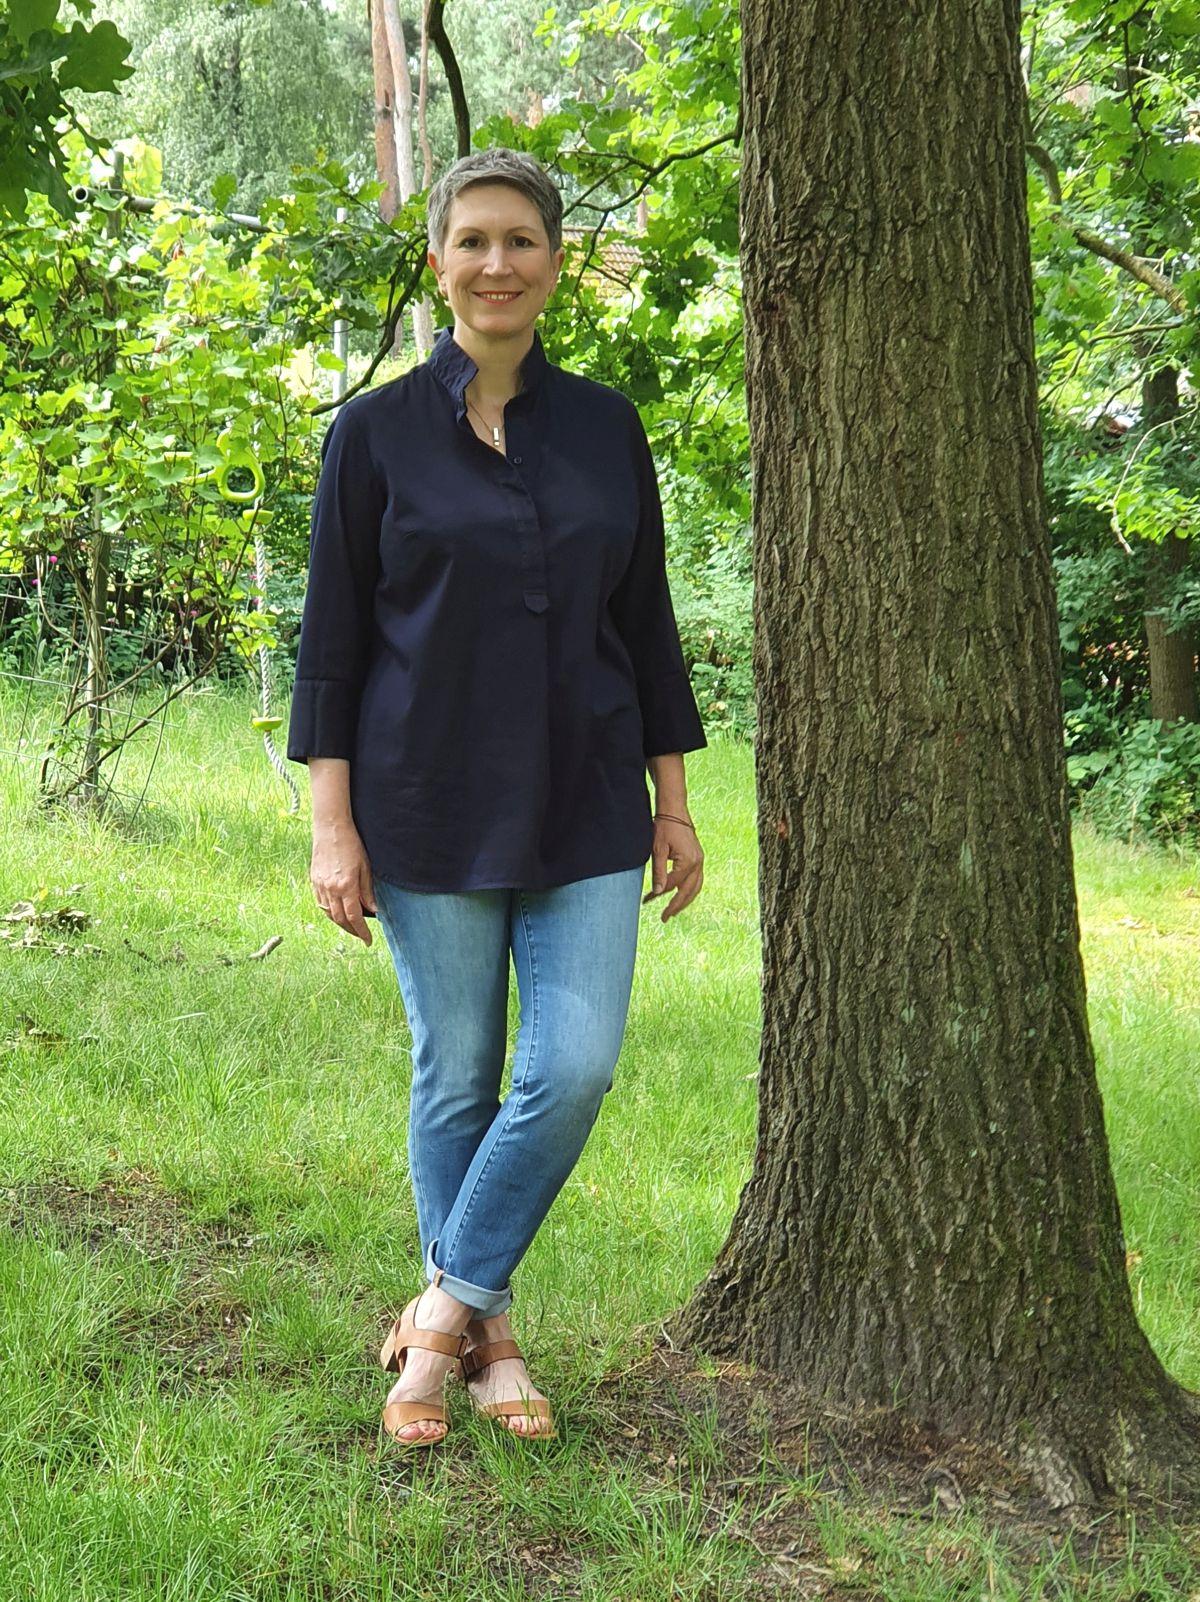 Ines Meyrose - Outfit 2021 - Frühlingseinheitslook - persönliche Uniform - dunkelblaue Bluse, blaue Jeans mit Waschung, Sandaletten - Ü50-Bloggerin